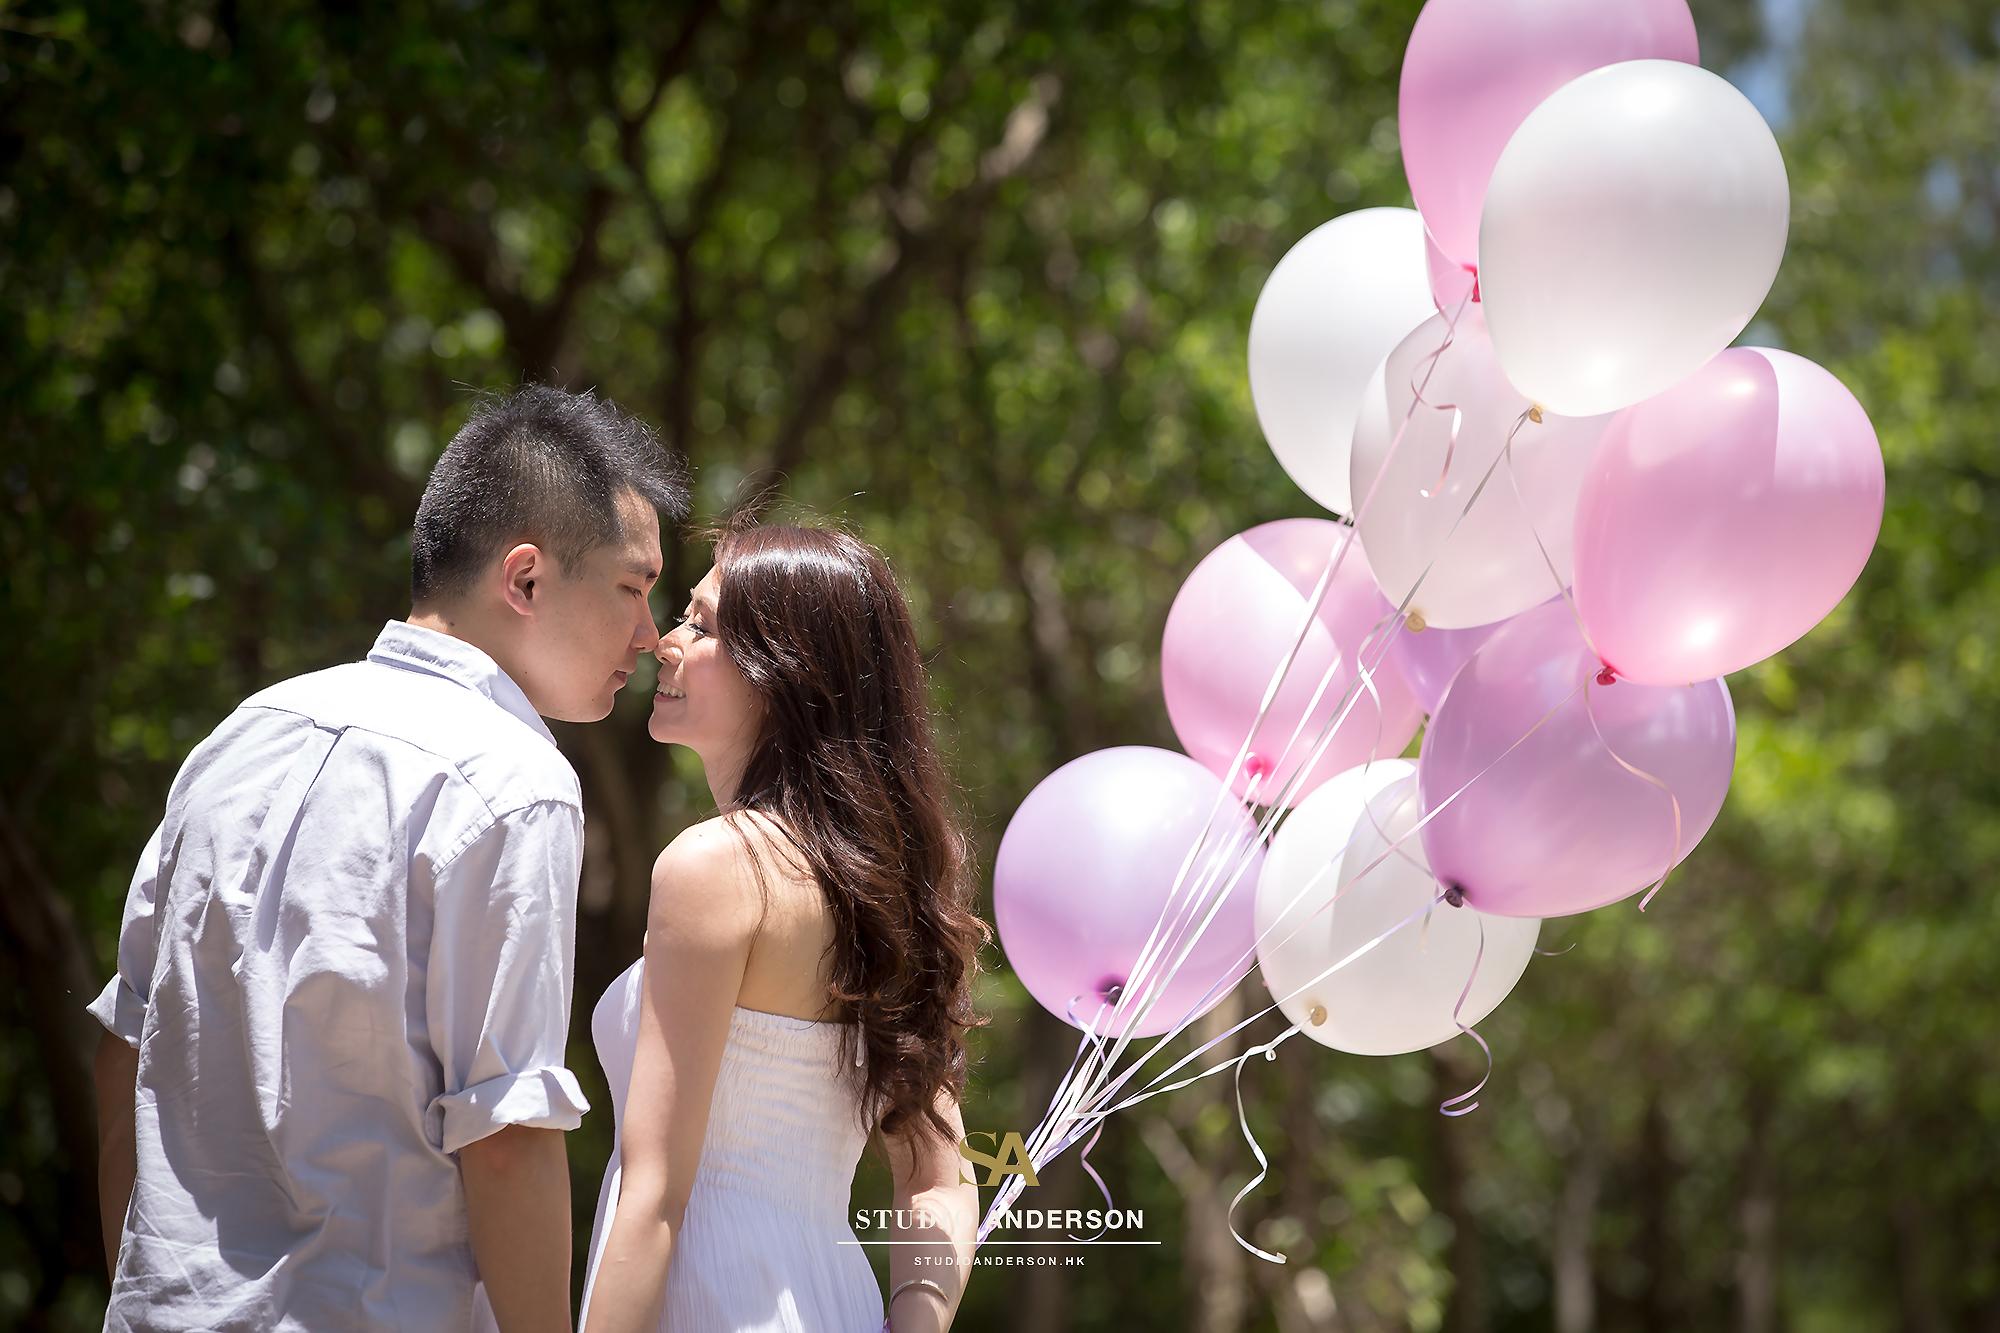 033 - Jay and Hang engagement (Watermark).jpg